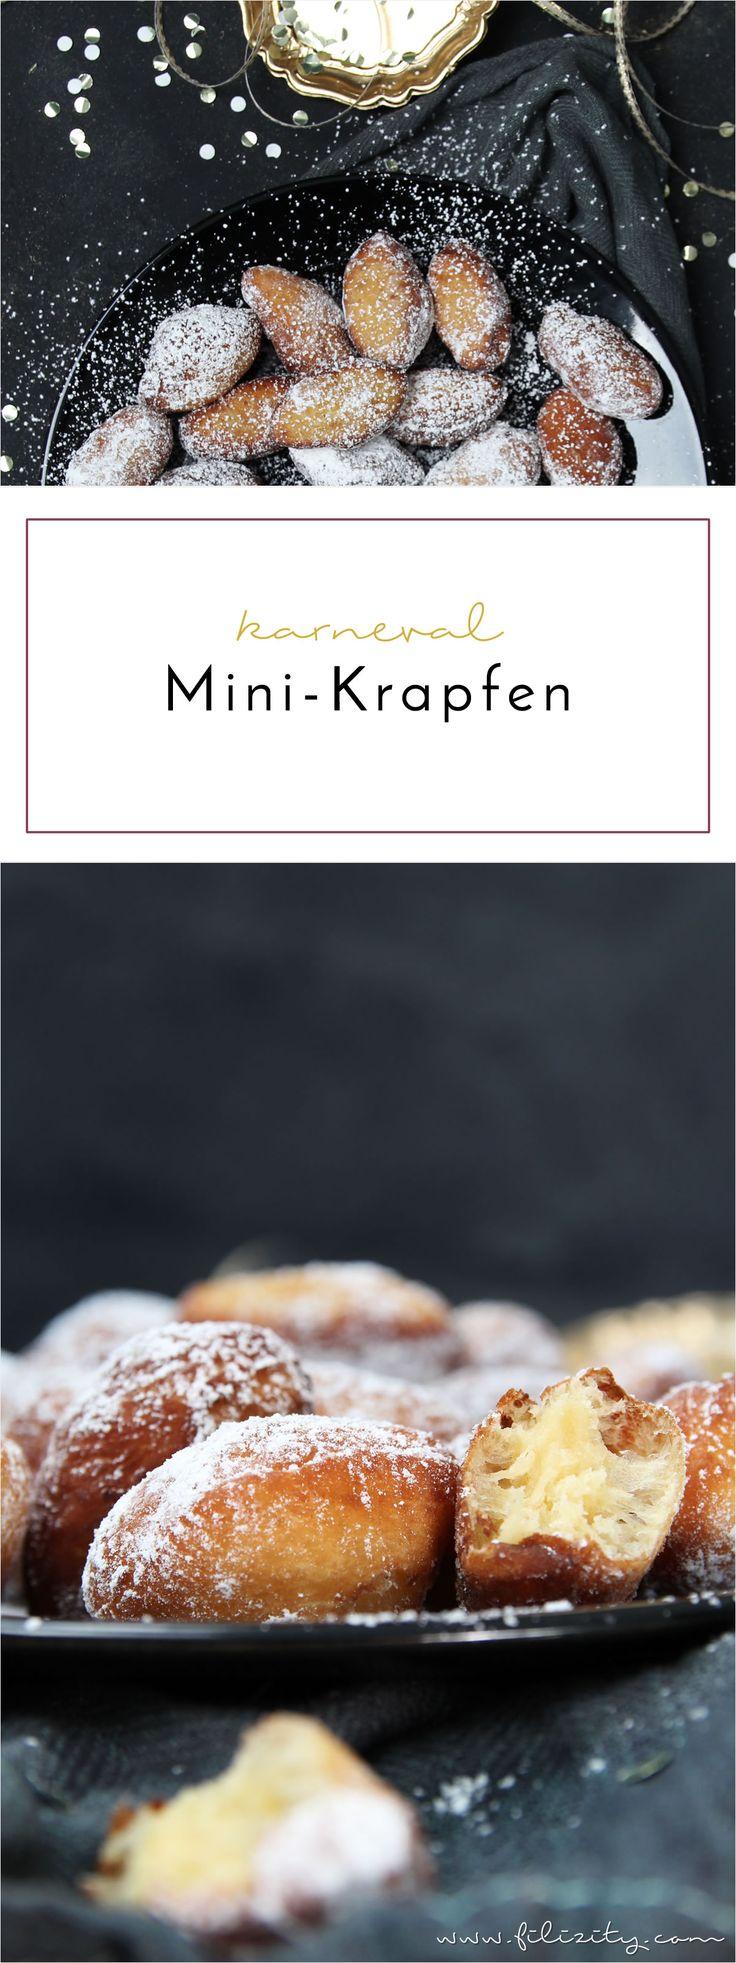 Krapfen, Pfannkuchen, Berliner - wie ihr sie auch nennt, zur Faschingzeit gehört dieses köstliche Gebäck dazu.